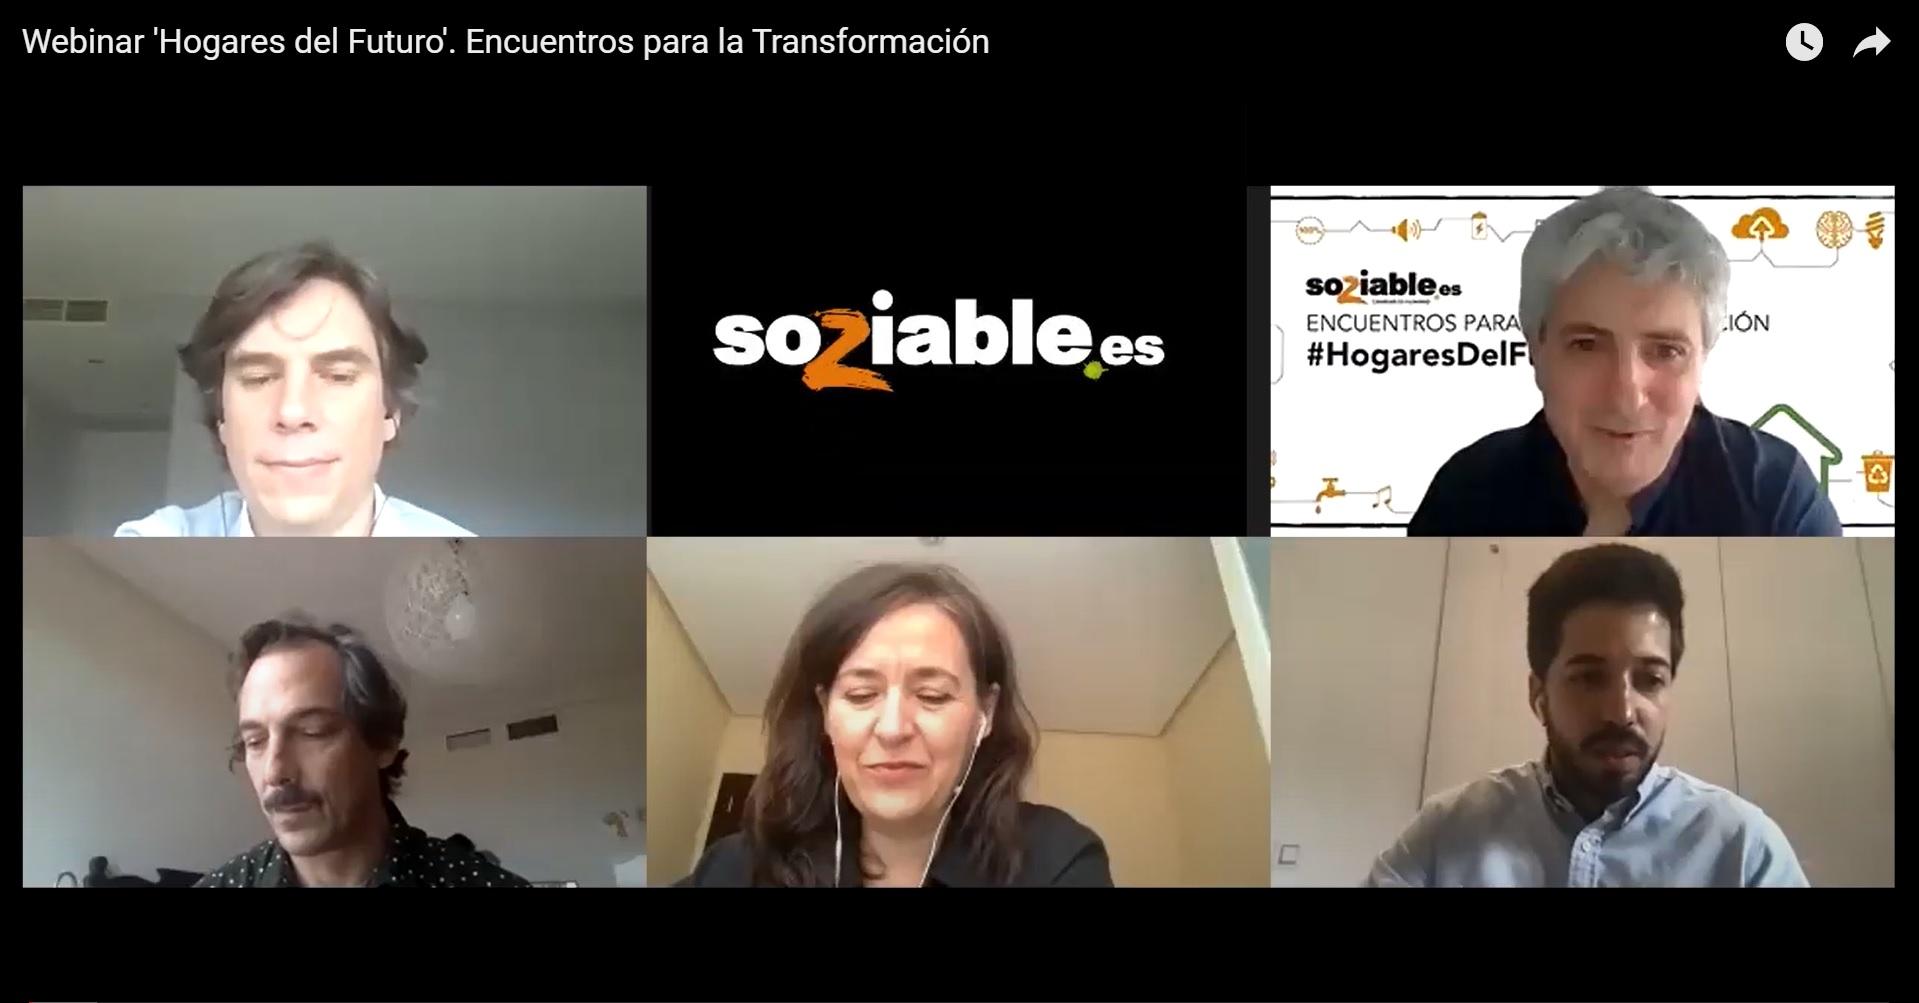 Imagen de los participantes en el webinar de Soziable.es 'Hogares del Futuro'.